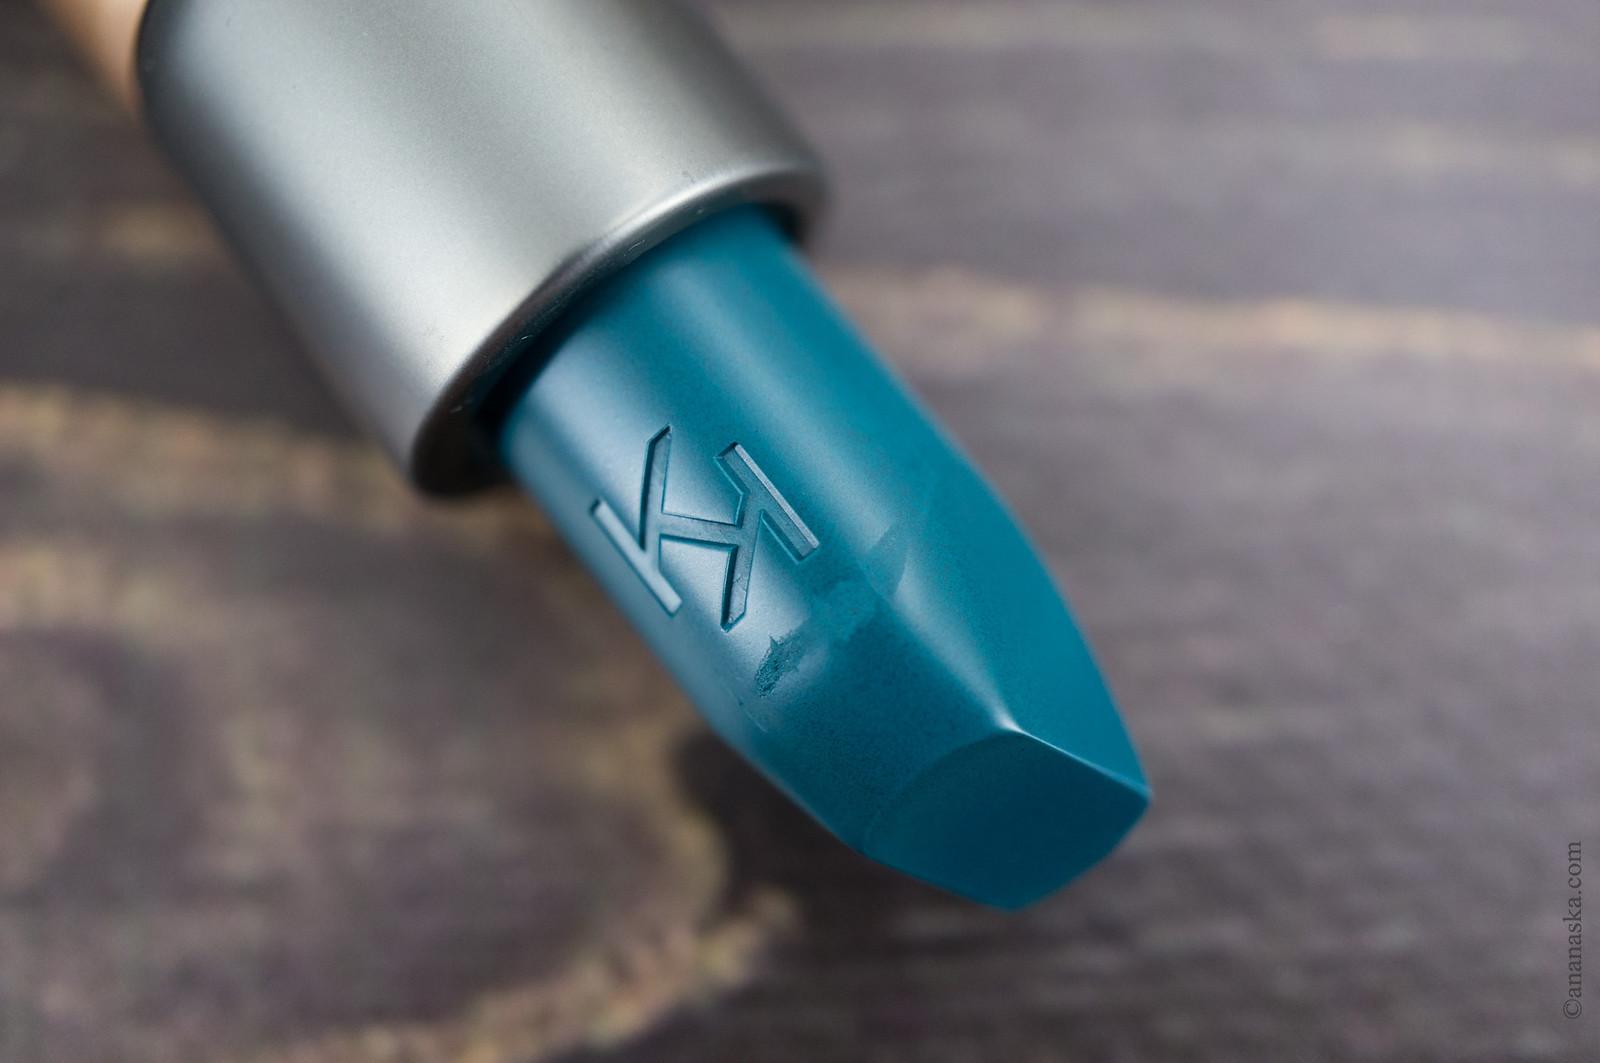 Kiko Milano Velvet Passion Matte Lipstick Crazy Colours 322 Sapphire Green